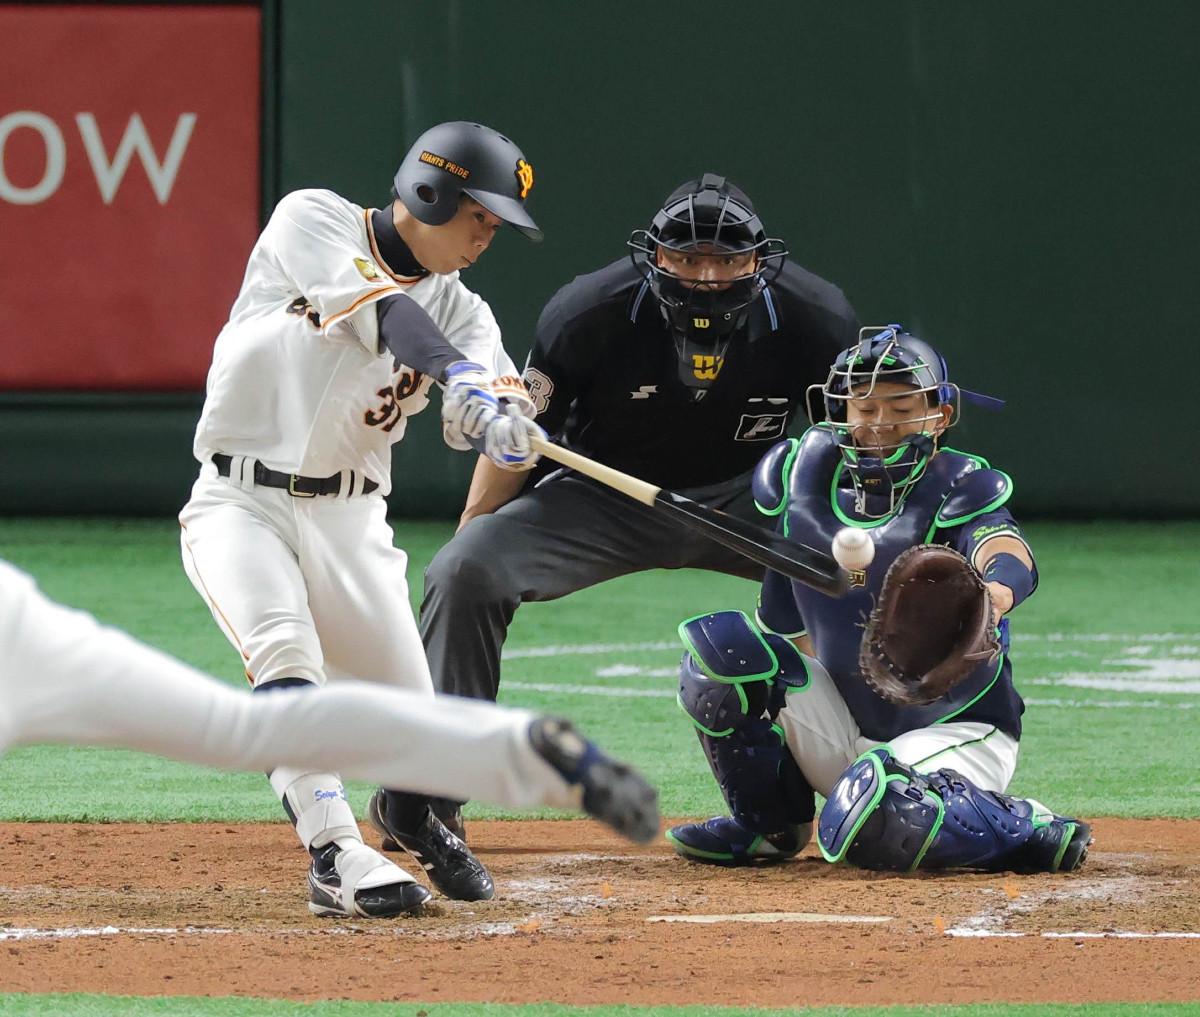 報知 野球 巨人 スポーツ